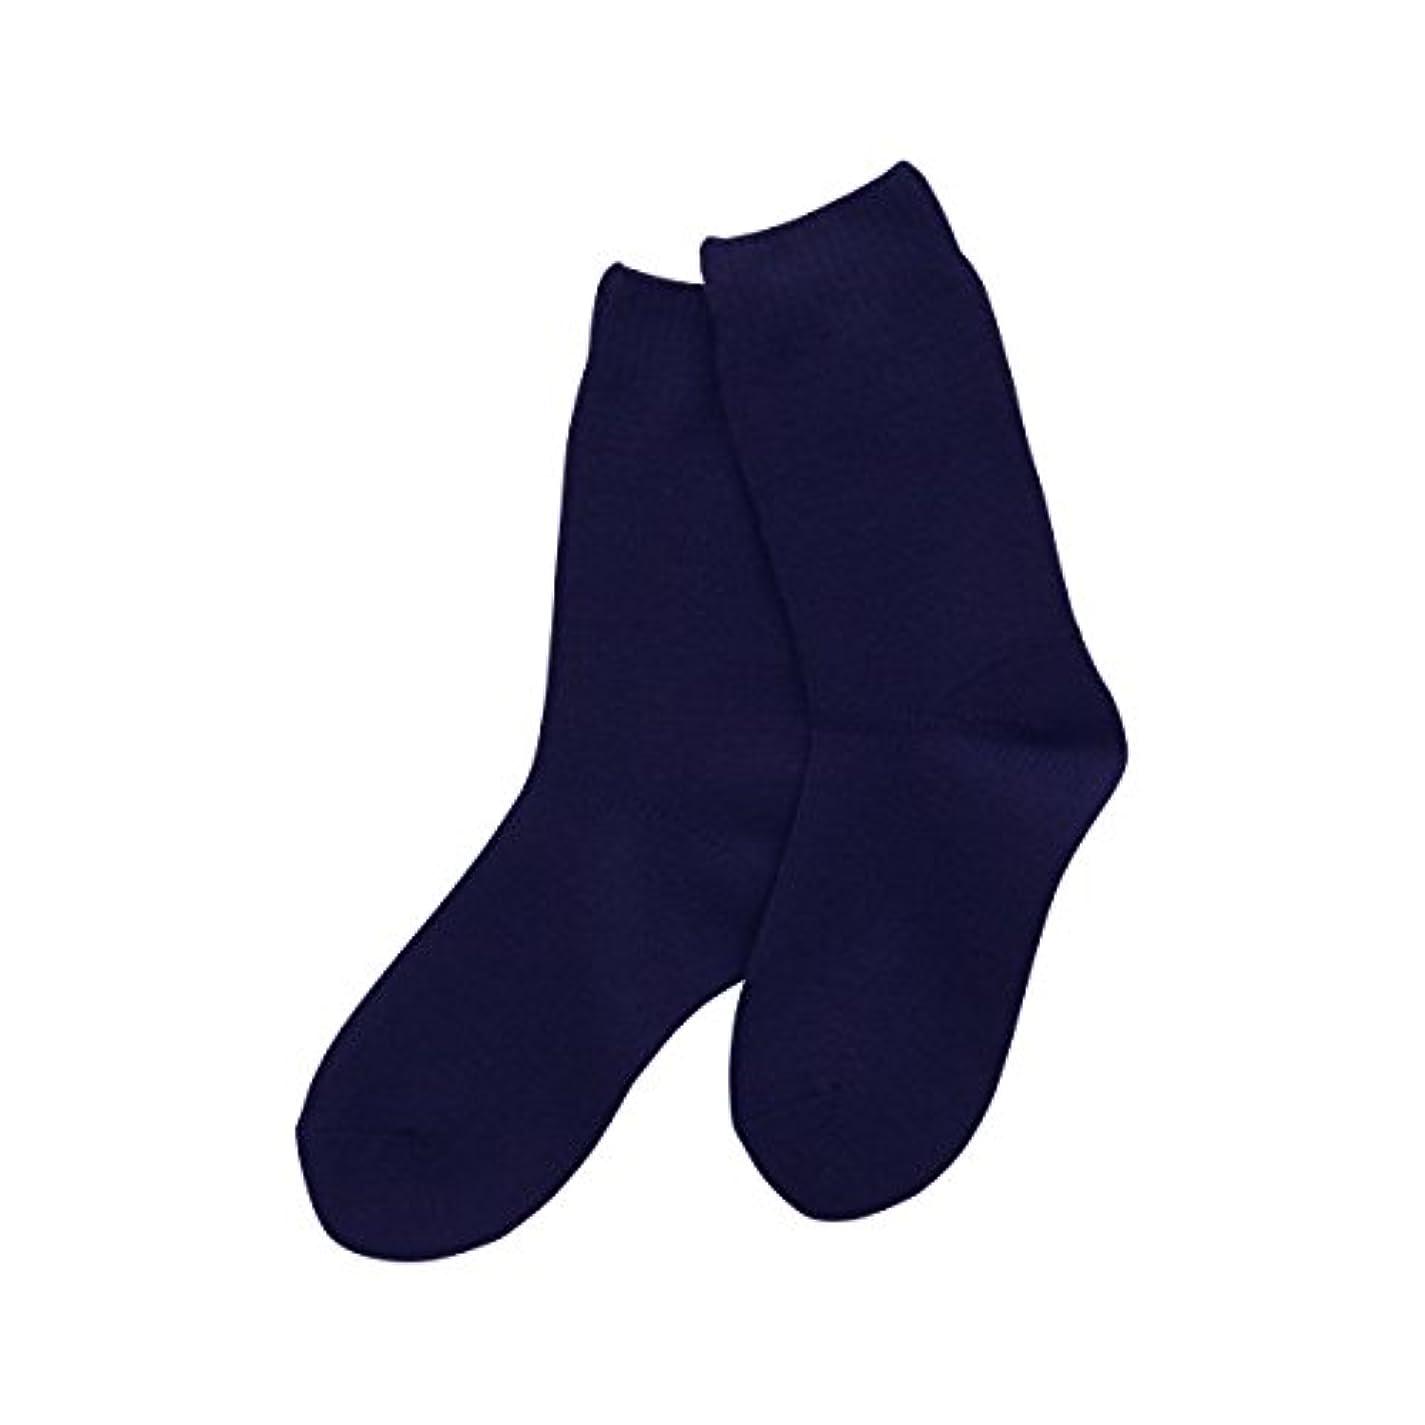 所有権枯渇する支店(コベス) KOBES ゴムなし 毛混 超ゆったり特大サイズ 靴下 日本製 紳士靴下